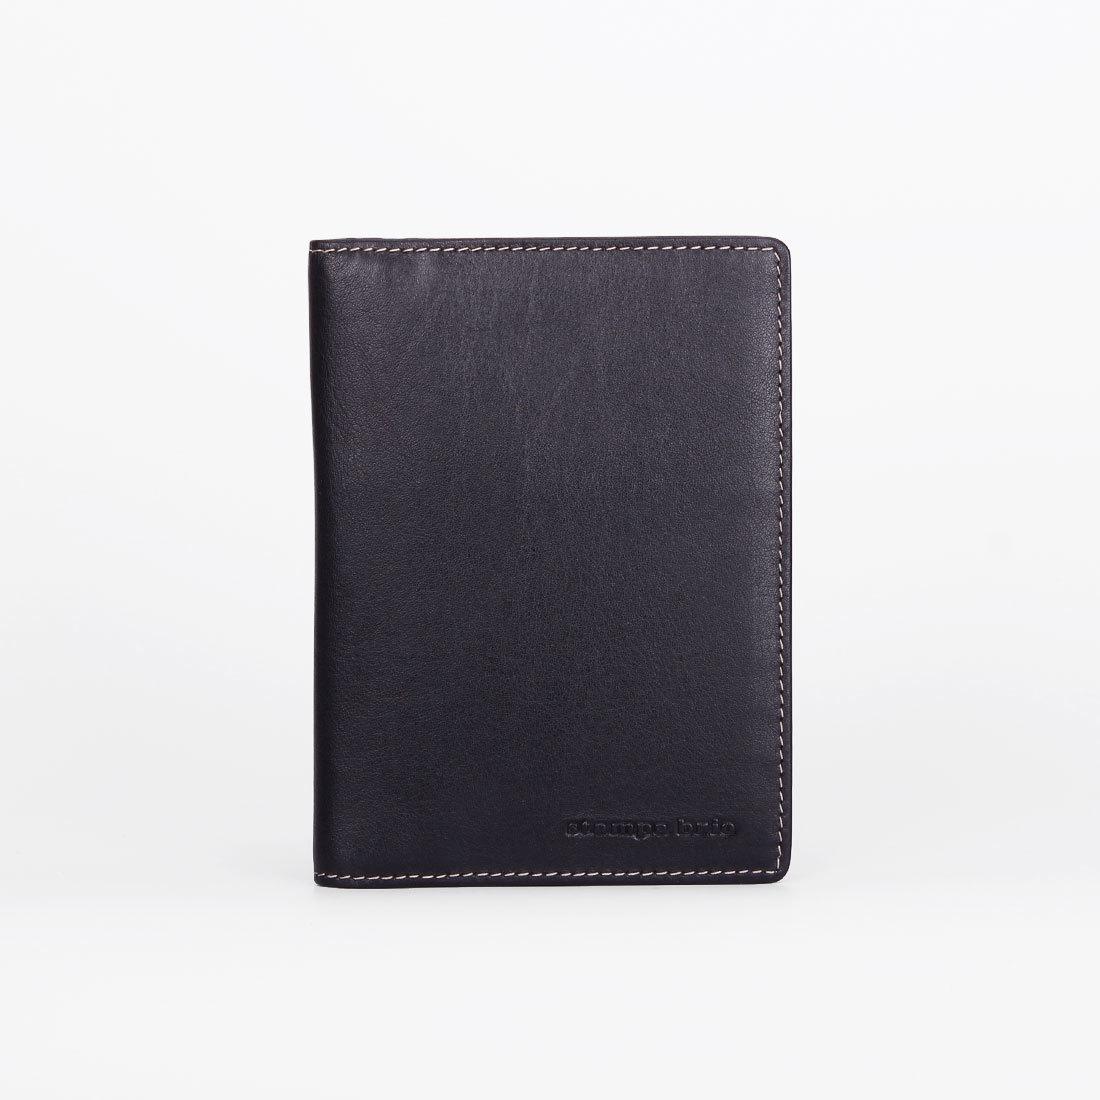 104 R - Обложка для паспорта с RFID защитой